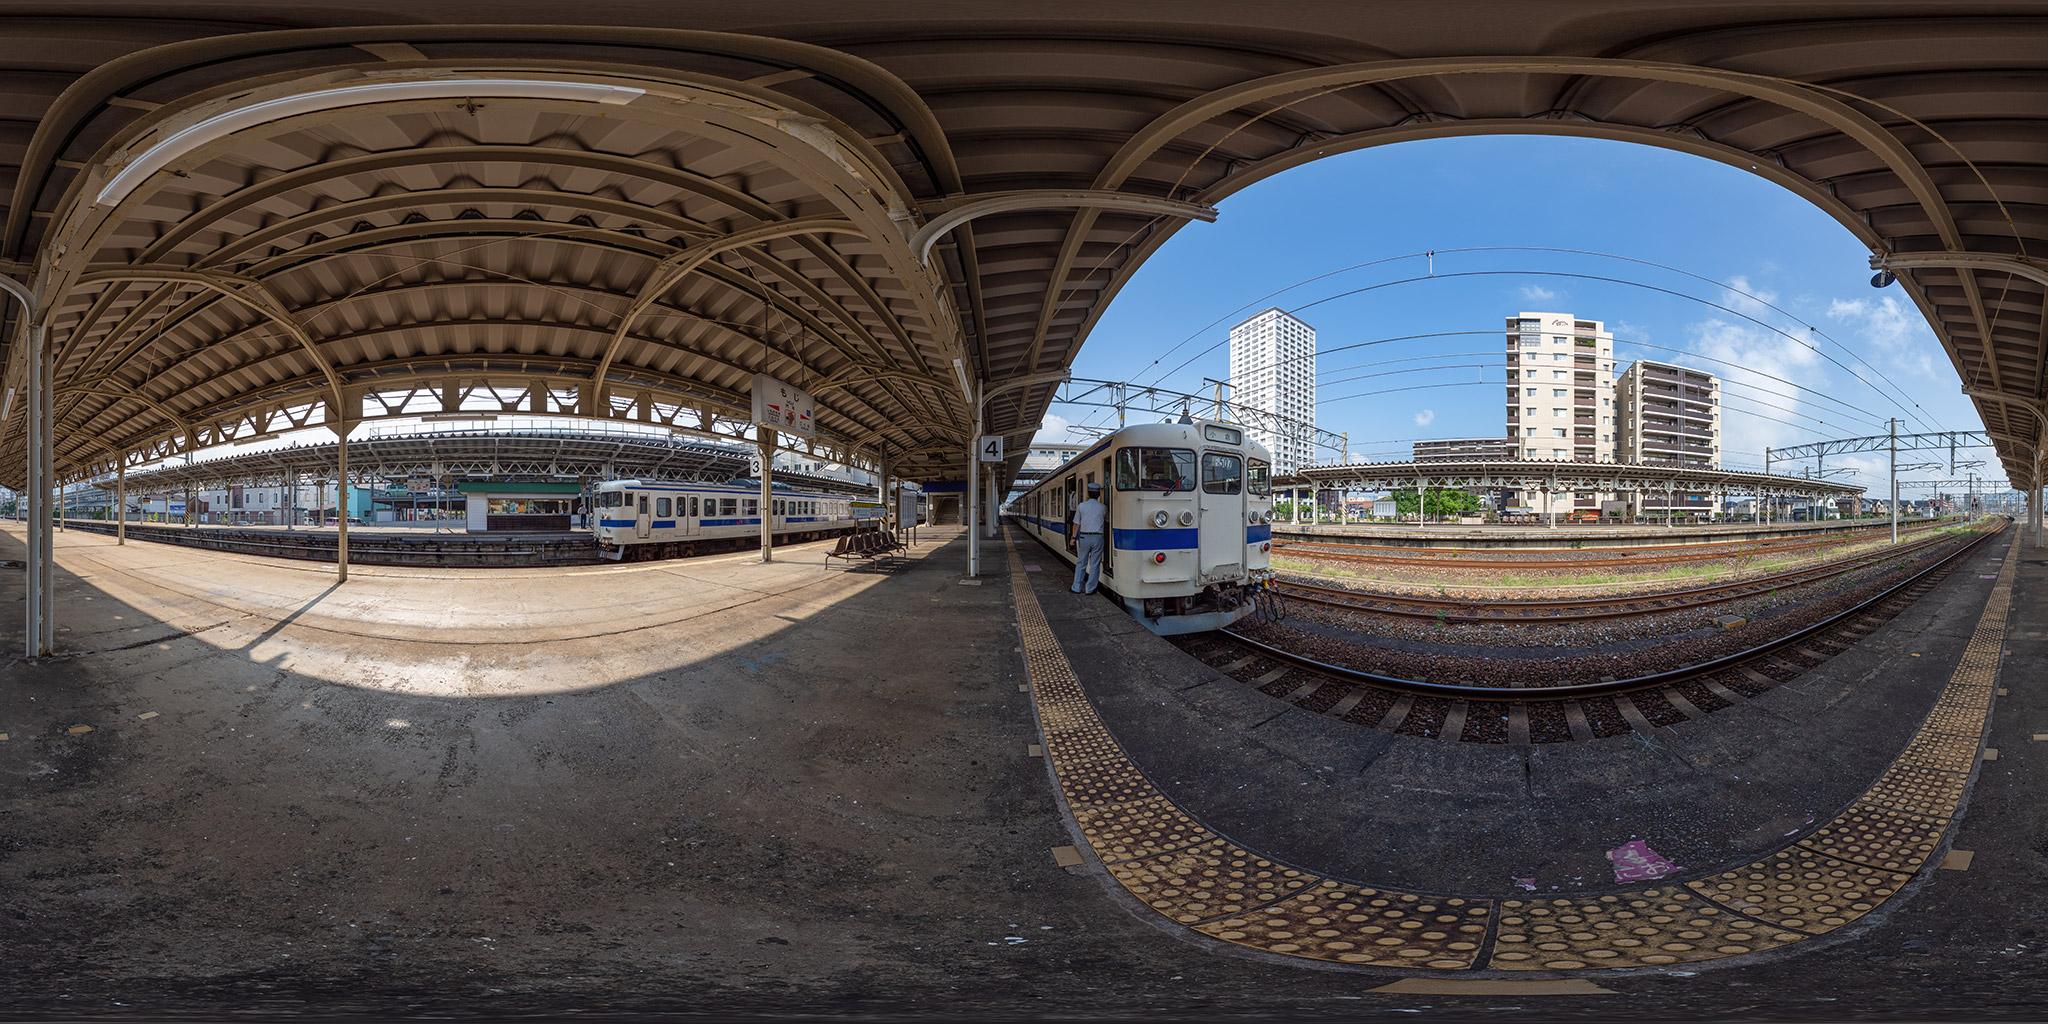 門司駅にて415系Fo-507編成と415系Fo-104編成